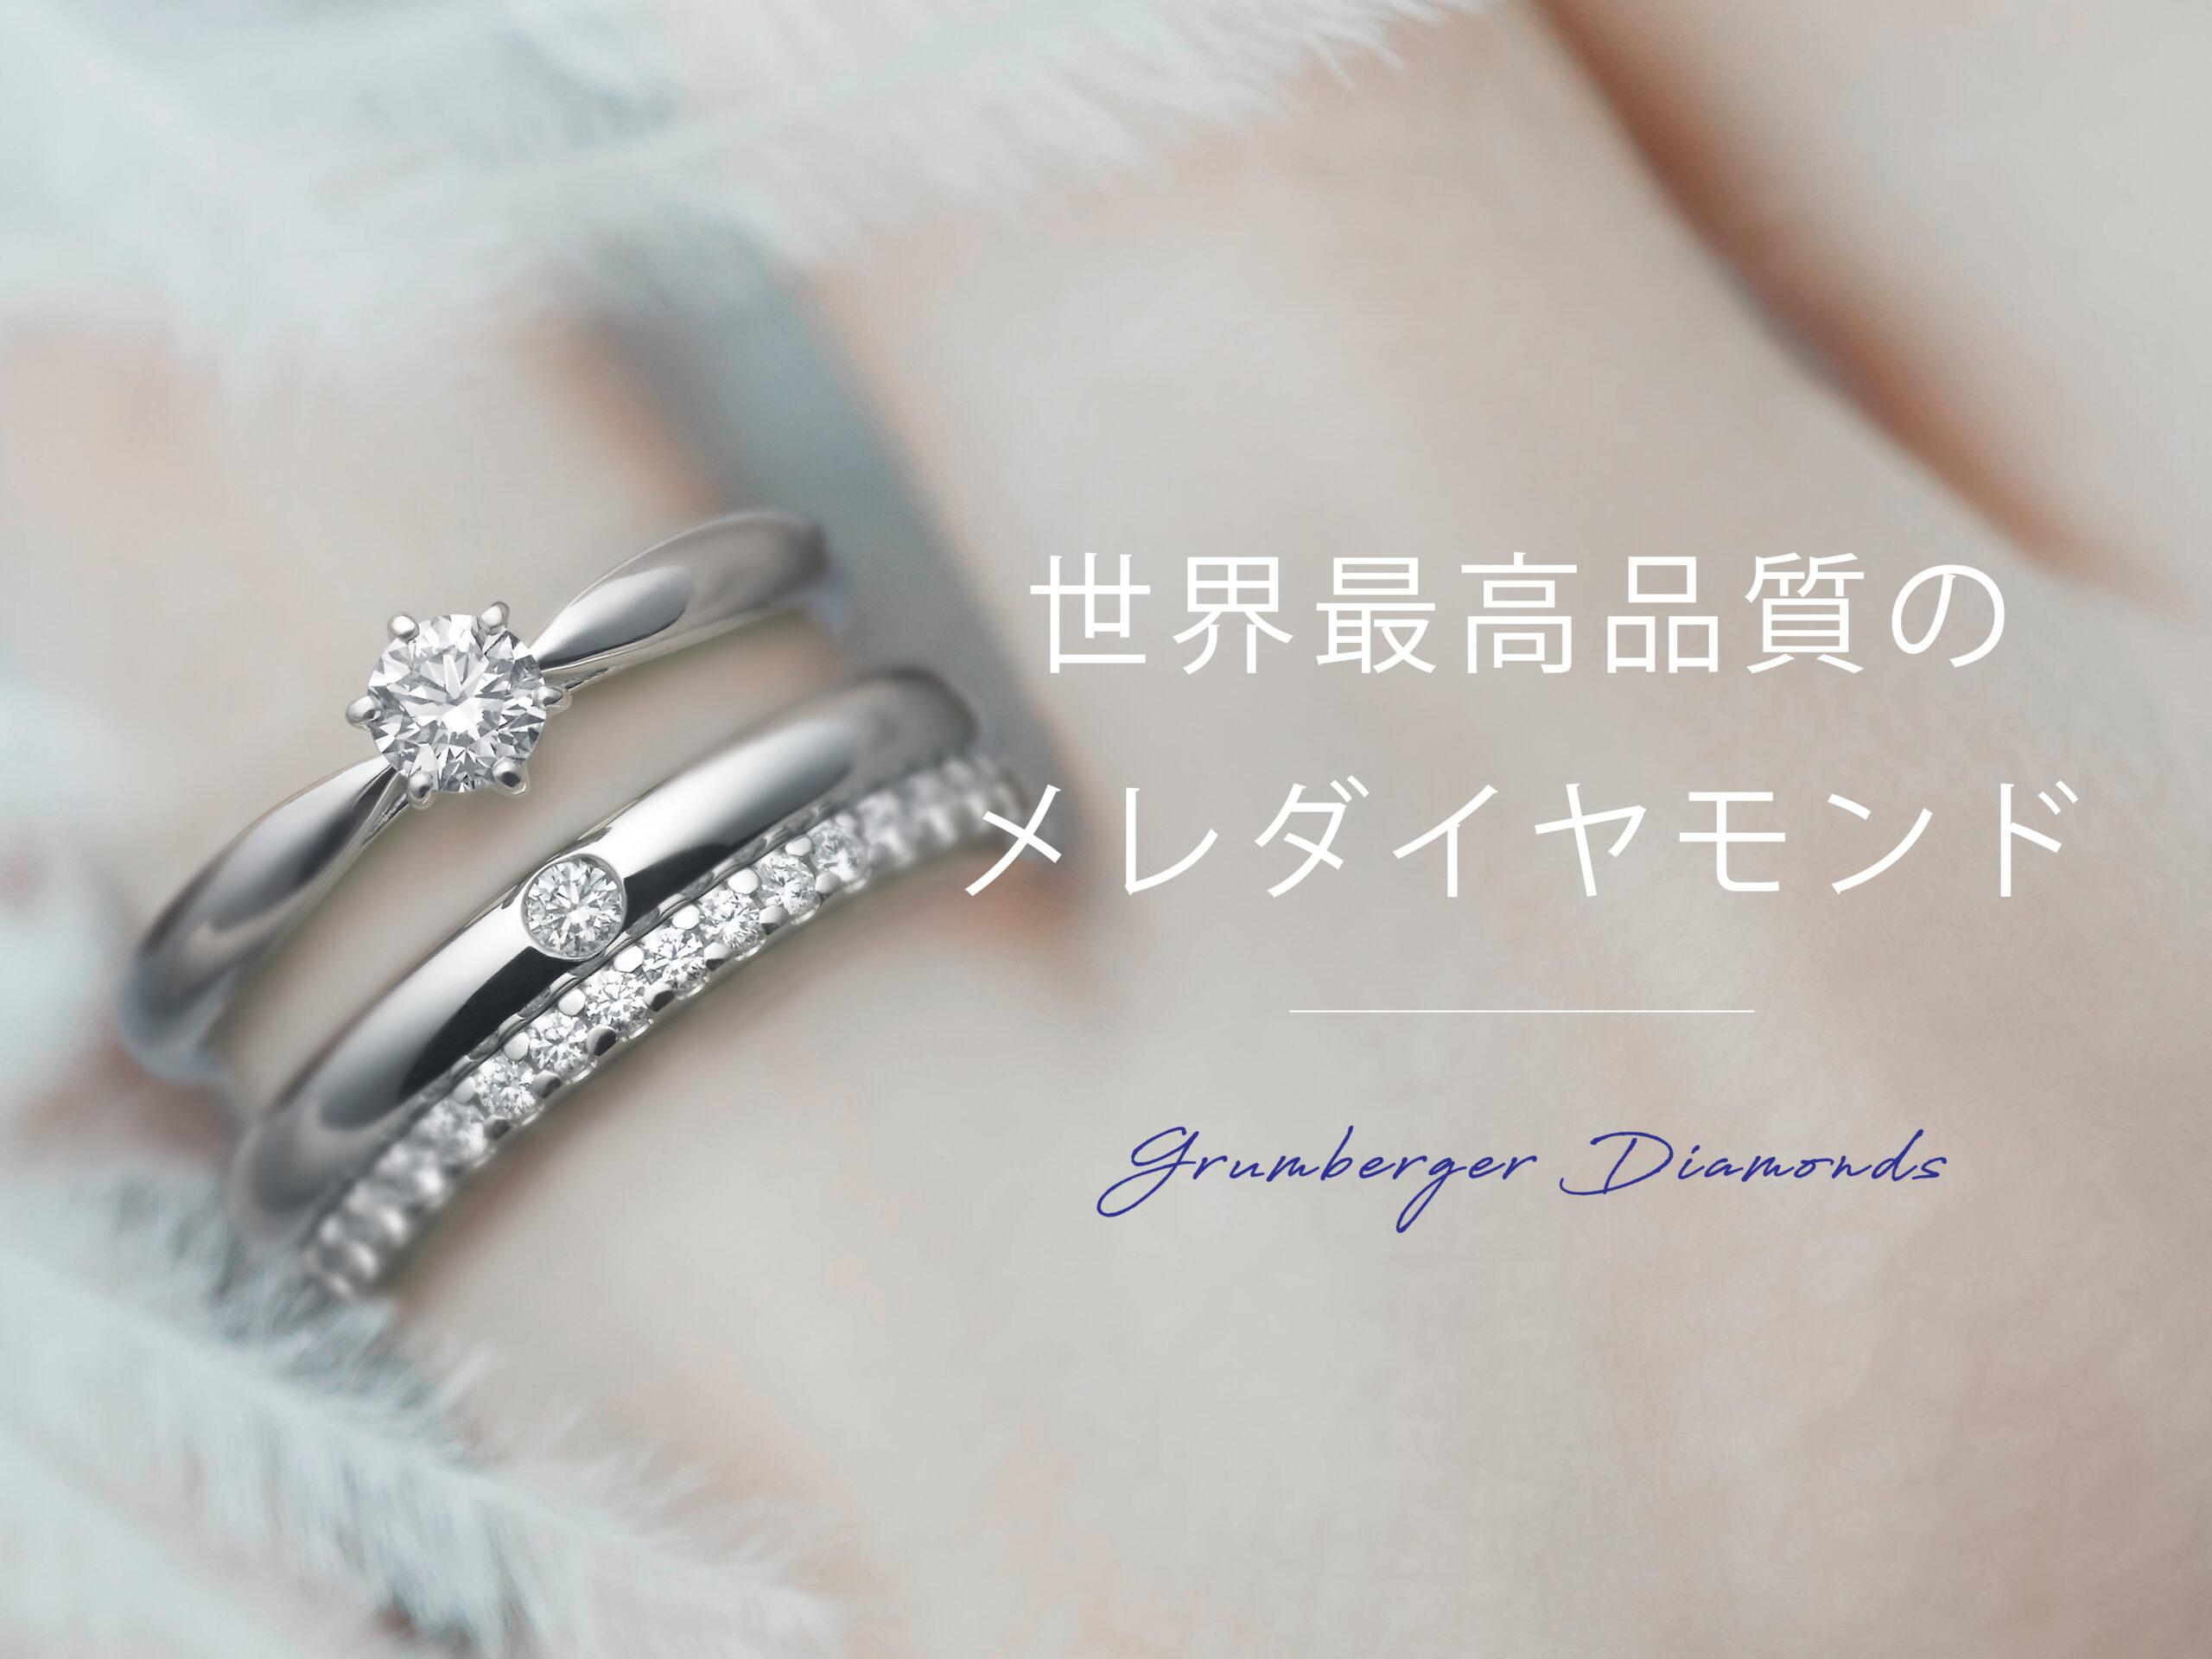 広島県広島市と広島県福山市にある中国エリア最大級のSELECTジュエリーショップヴァニラがこだわる世界最高品質のメレダイヤモンド